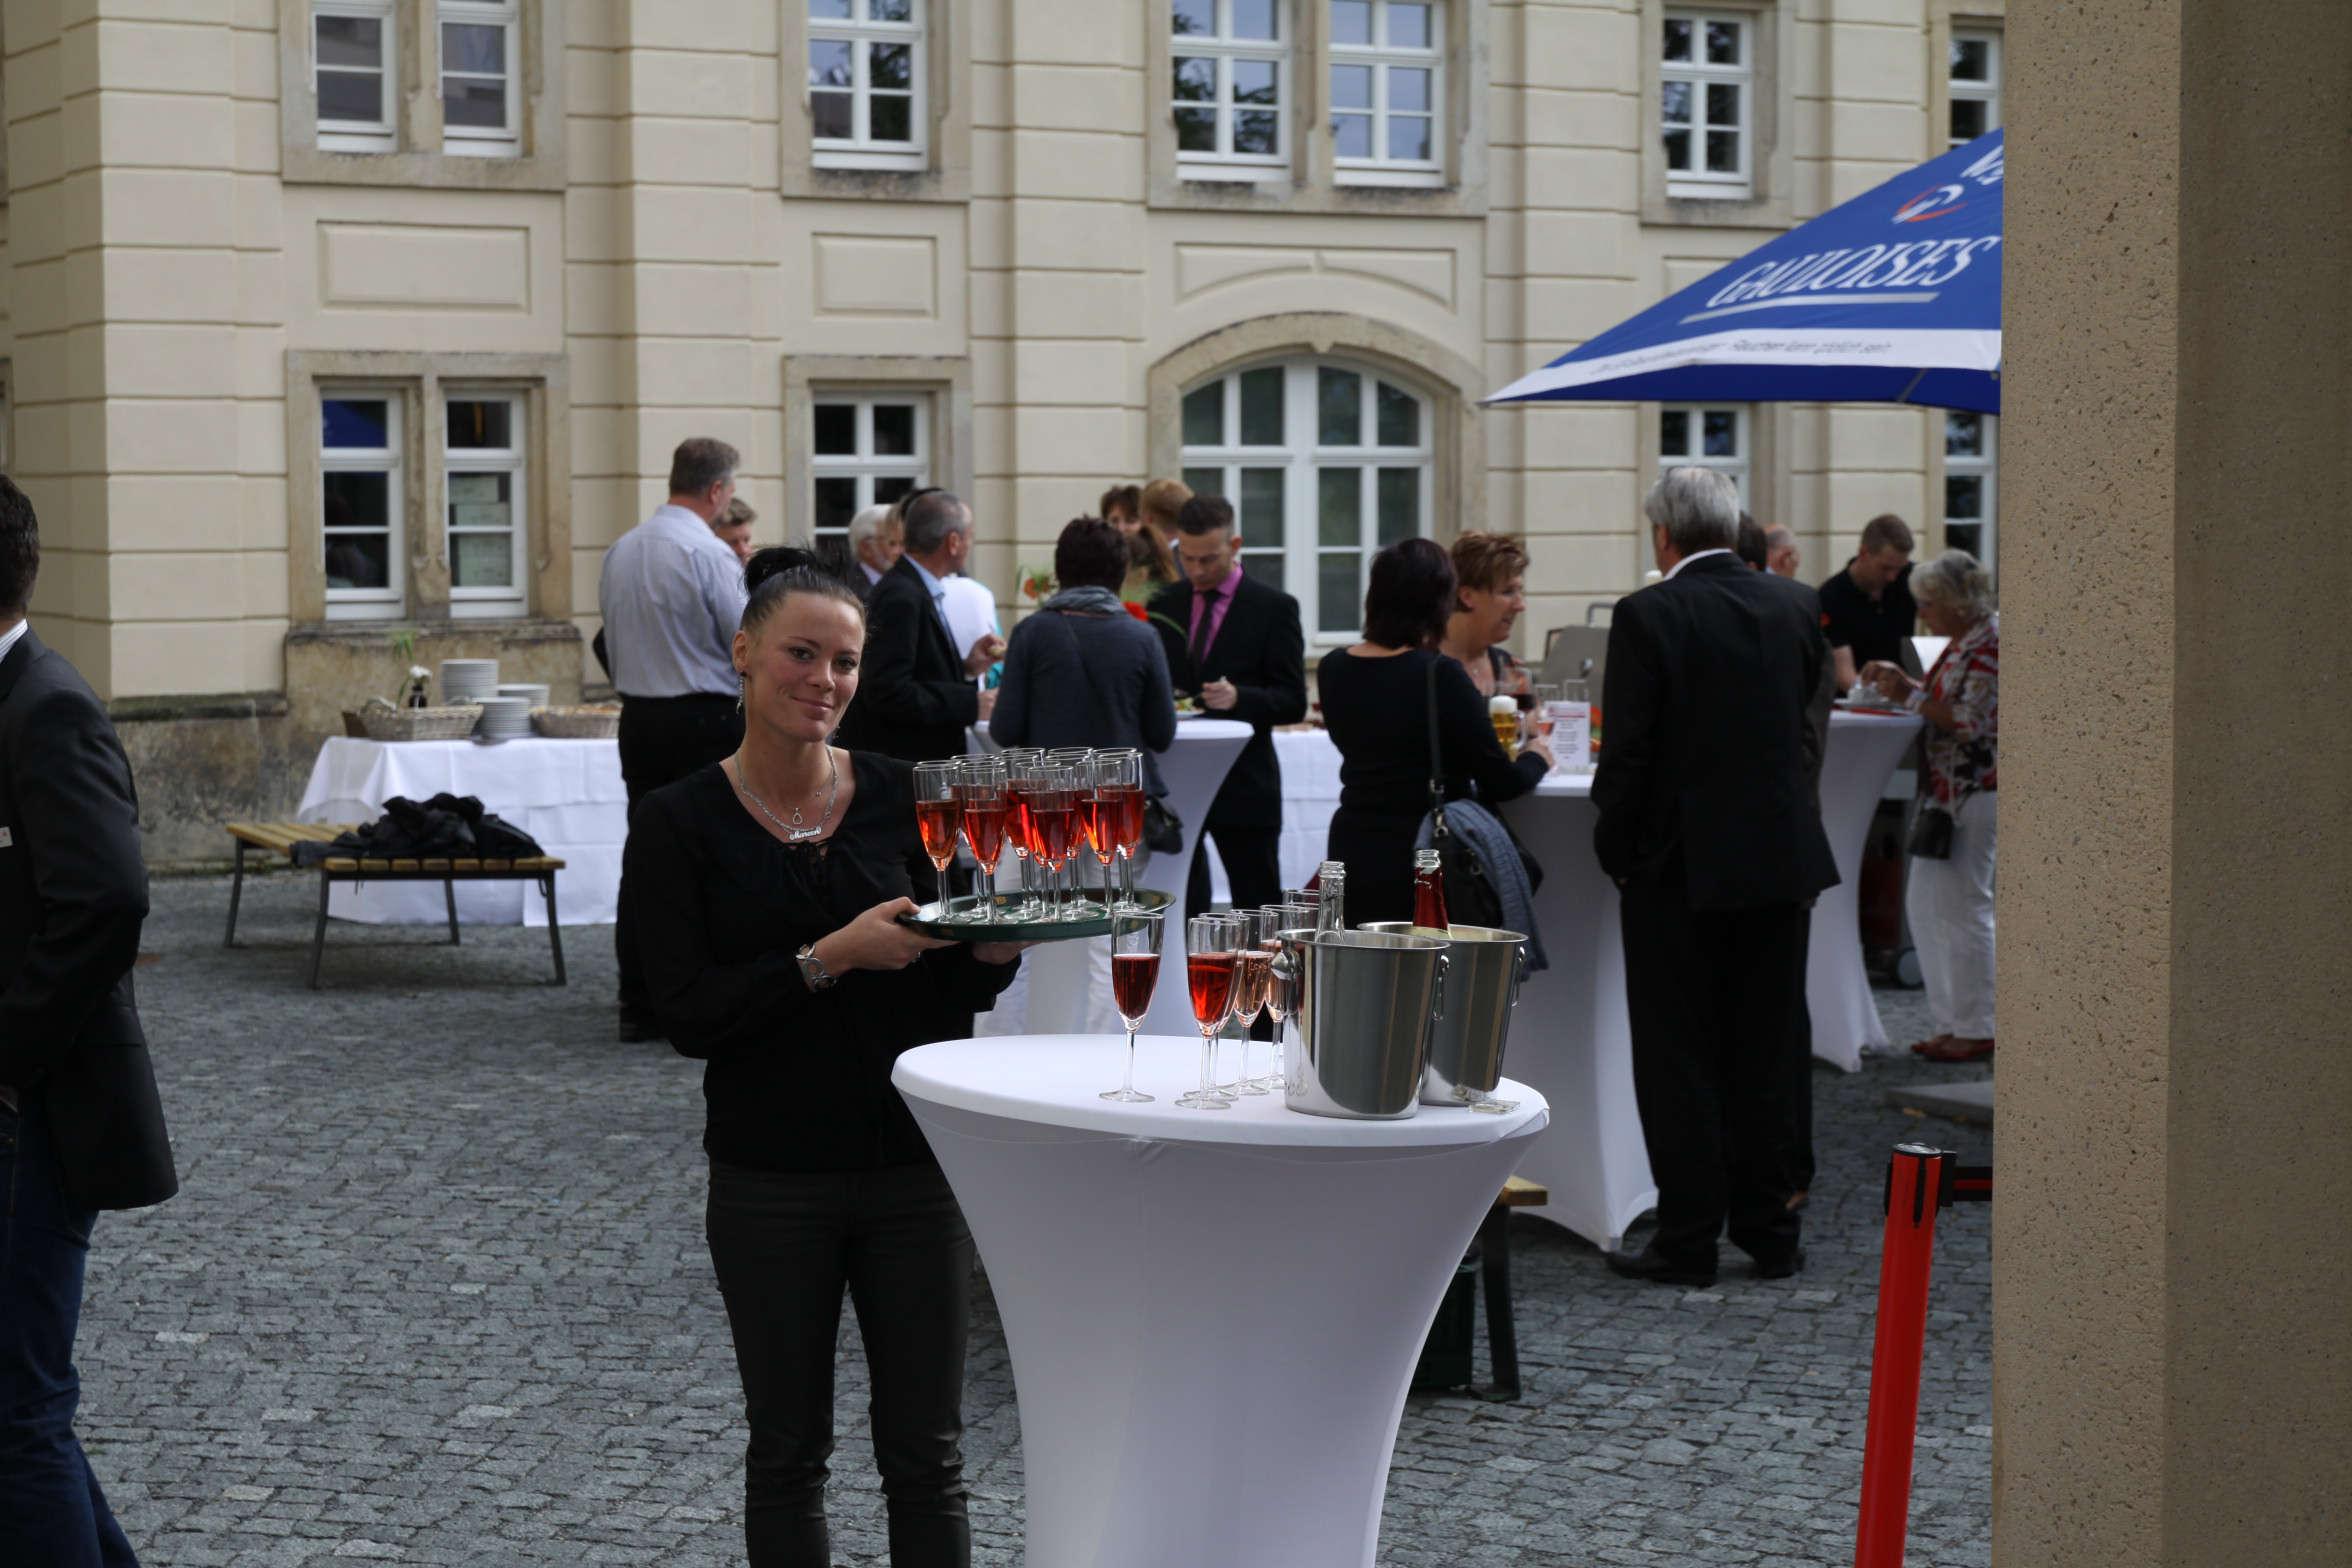 Schloßcafé_Sektempfang im Schloßhof